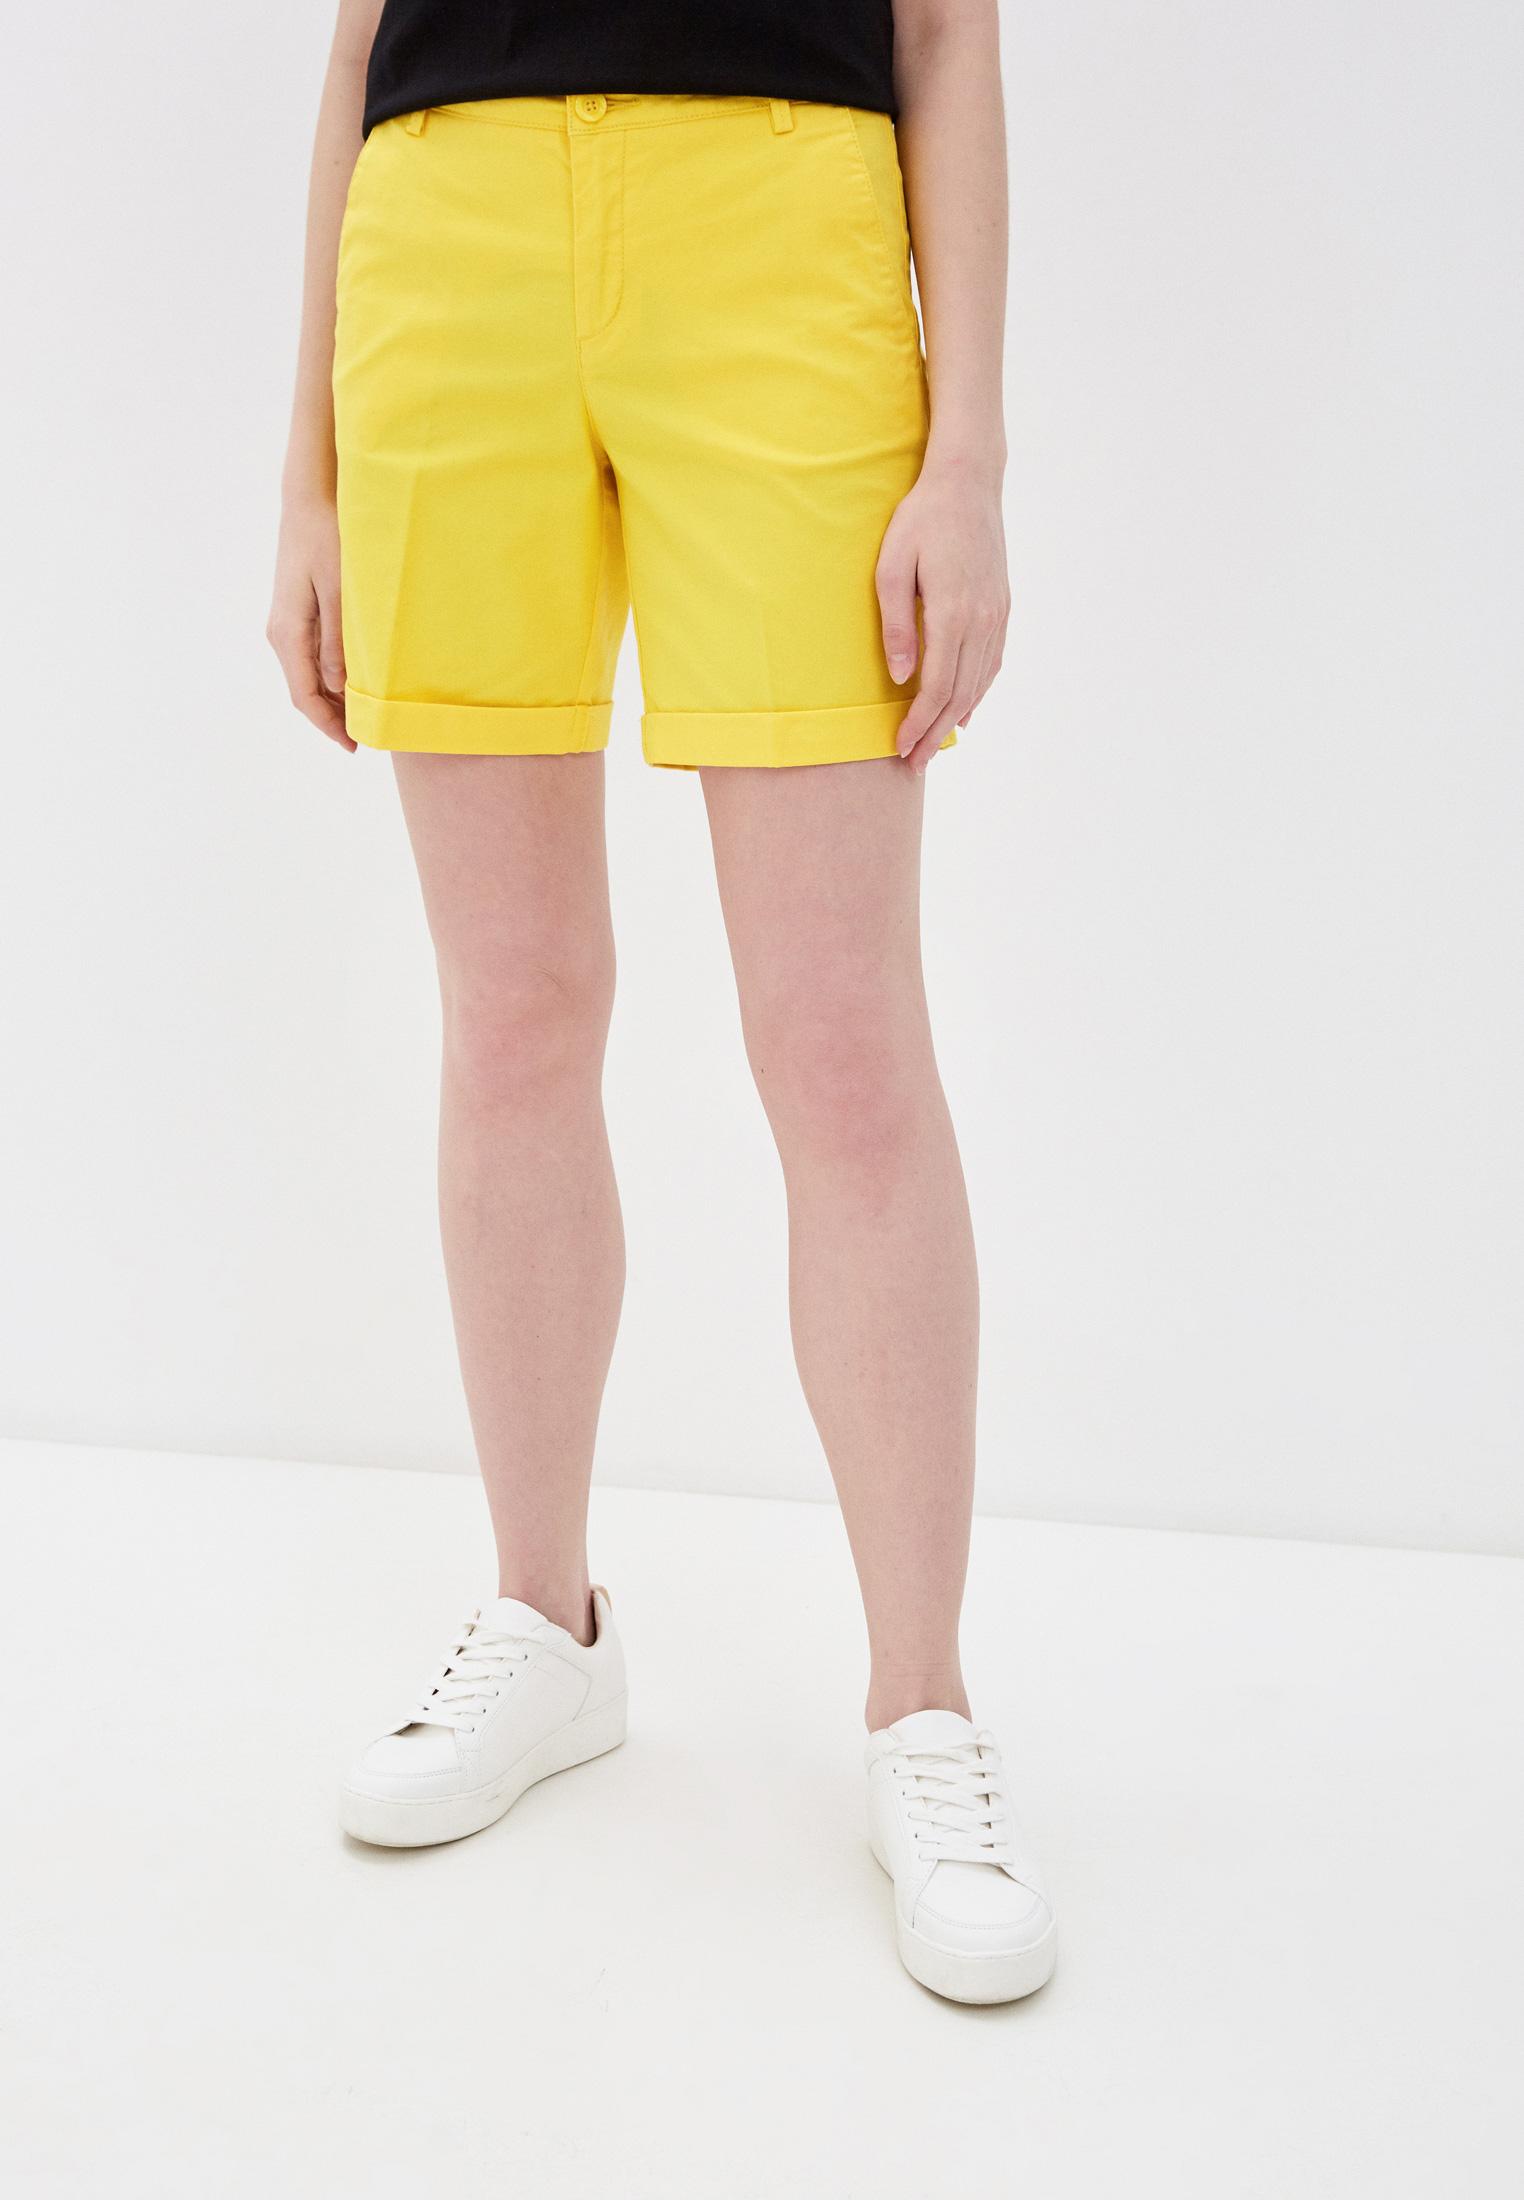 желтые шорты женские фото первом окне при